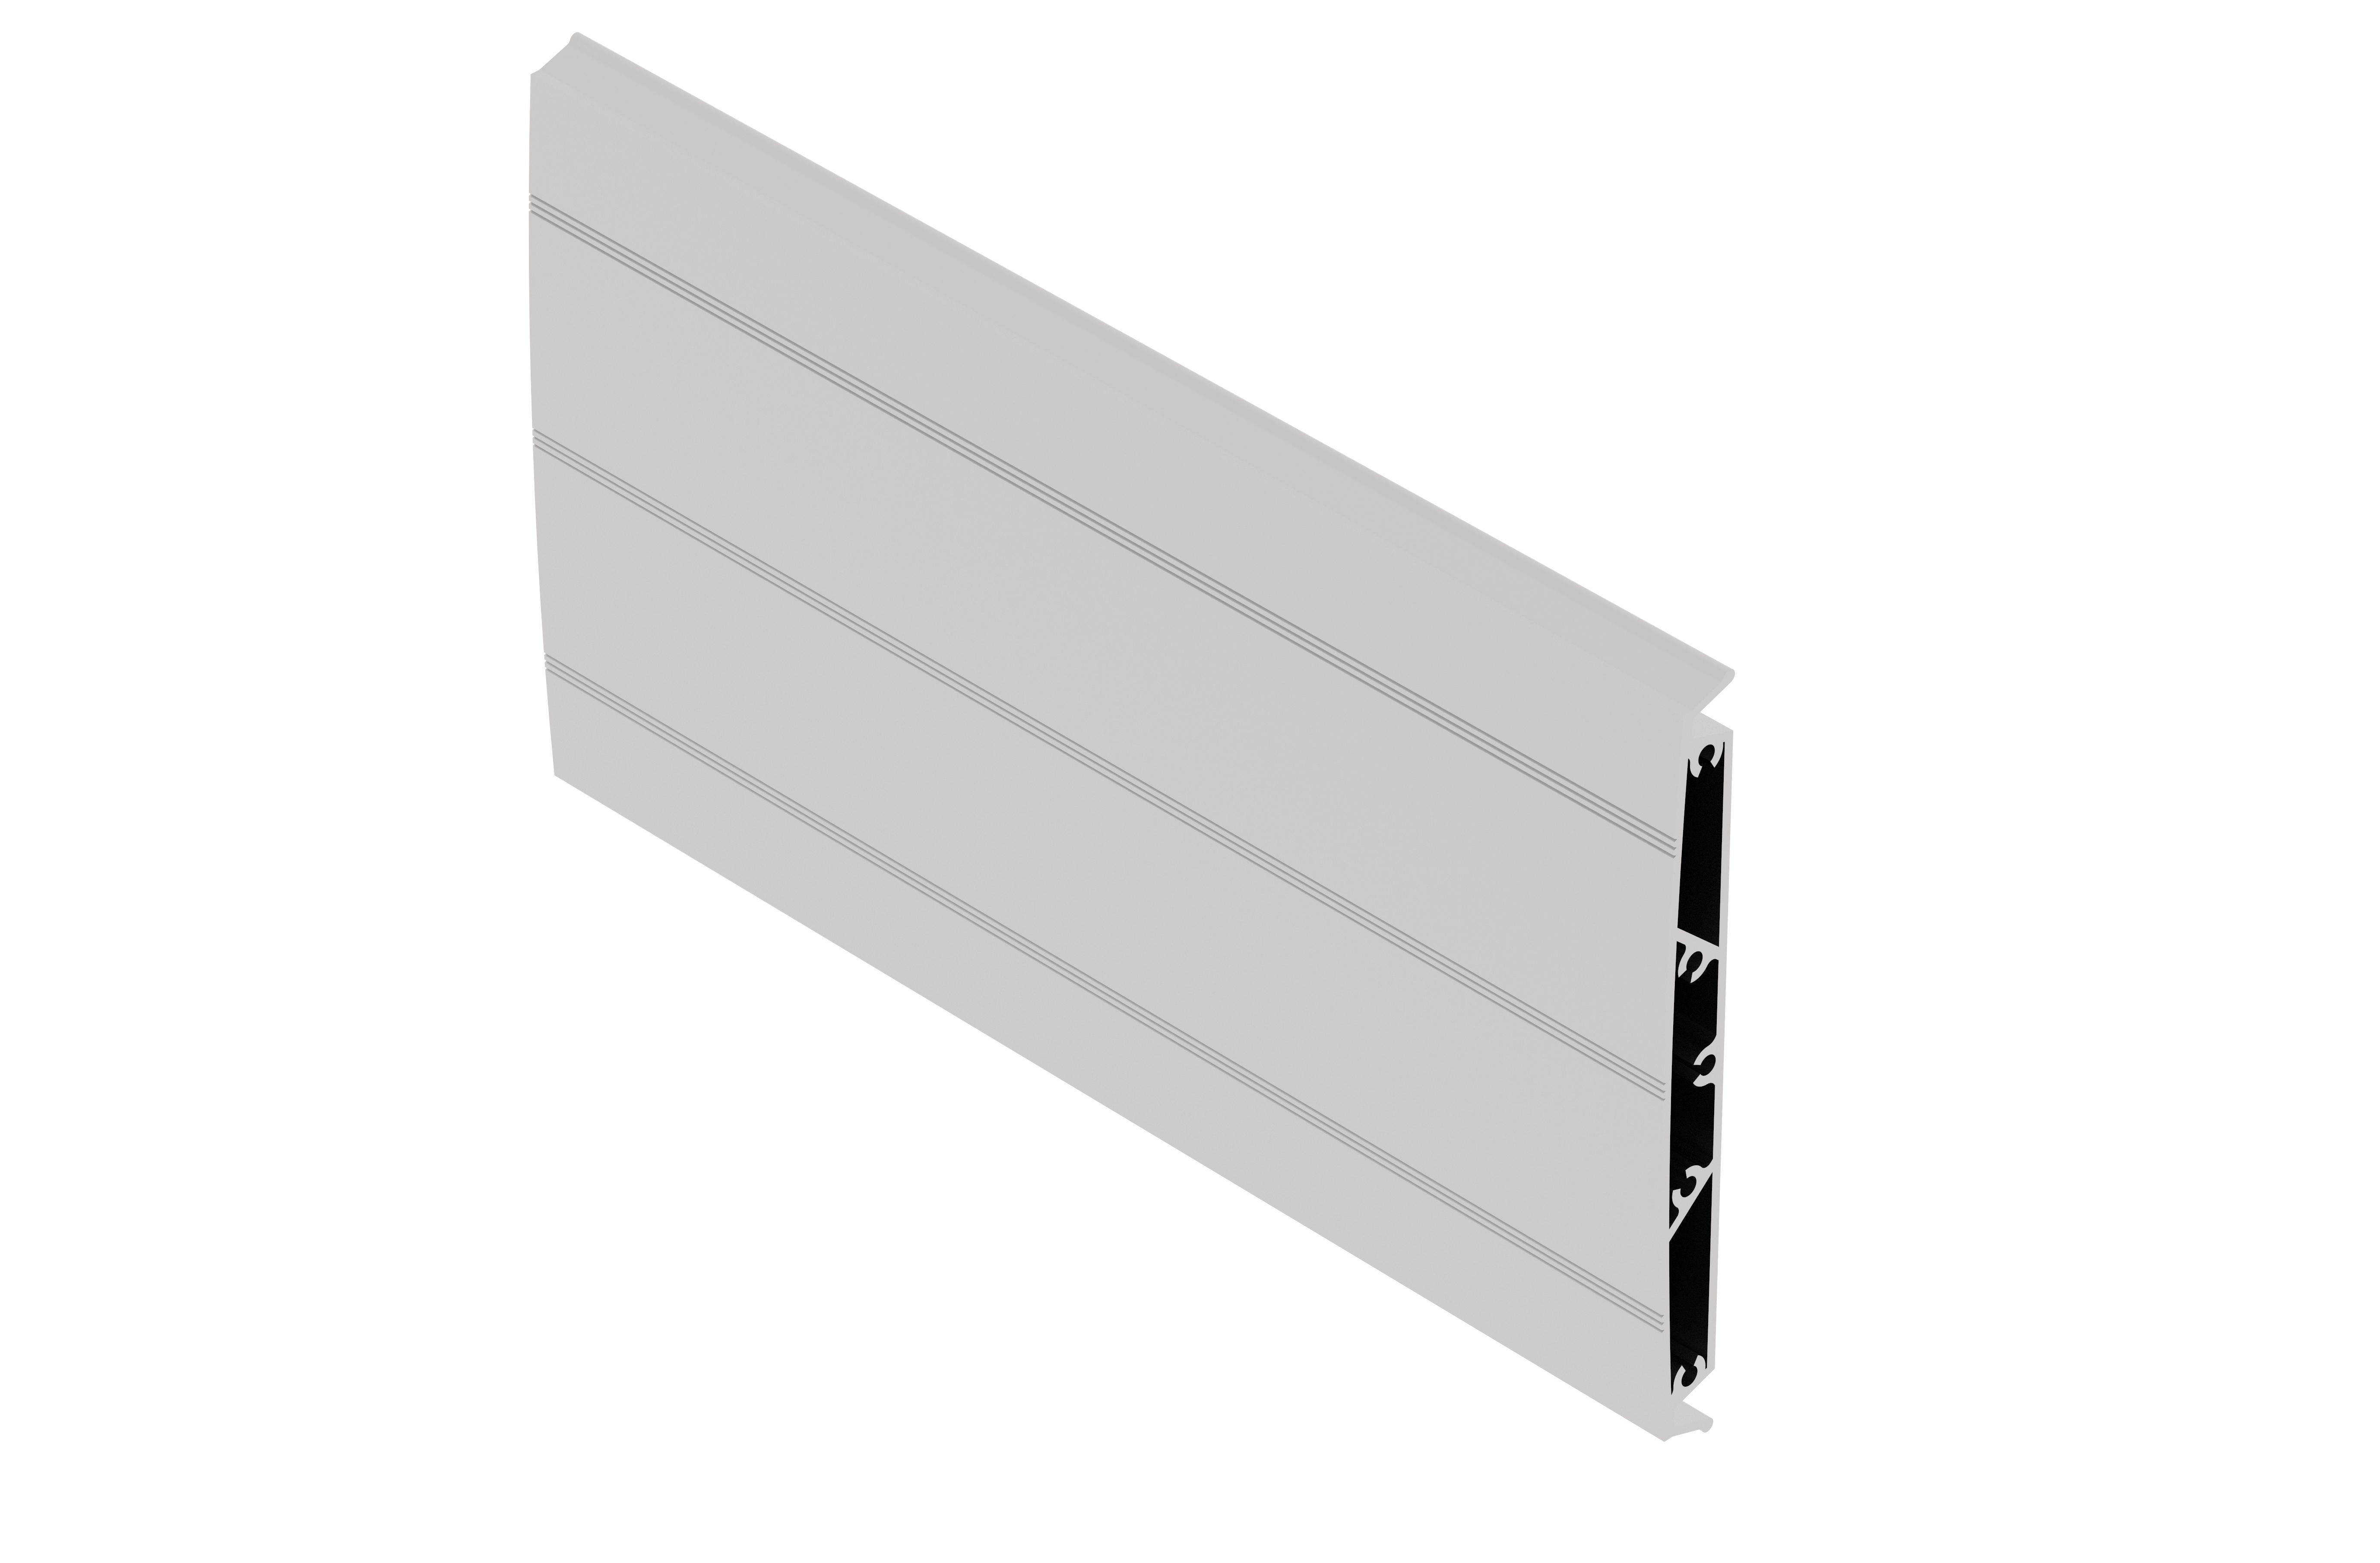 Sign Frame Aluminium Composite Panel Extrusion (120 x 3600mm)